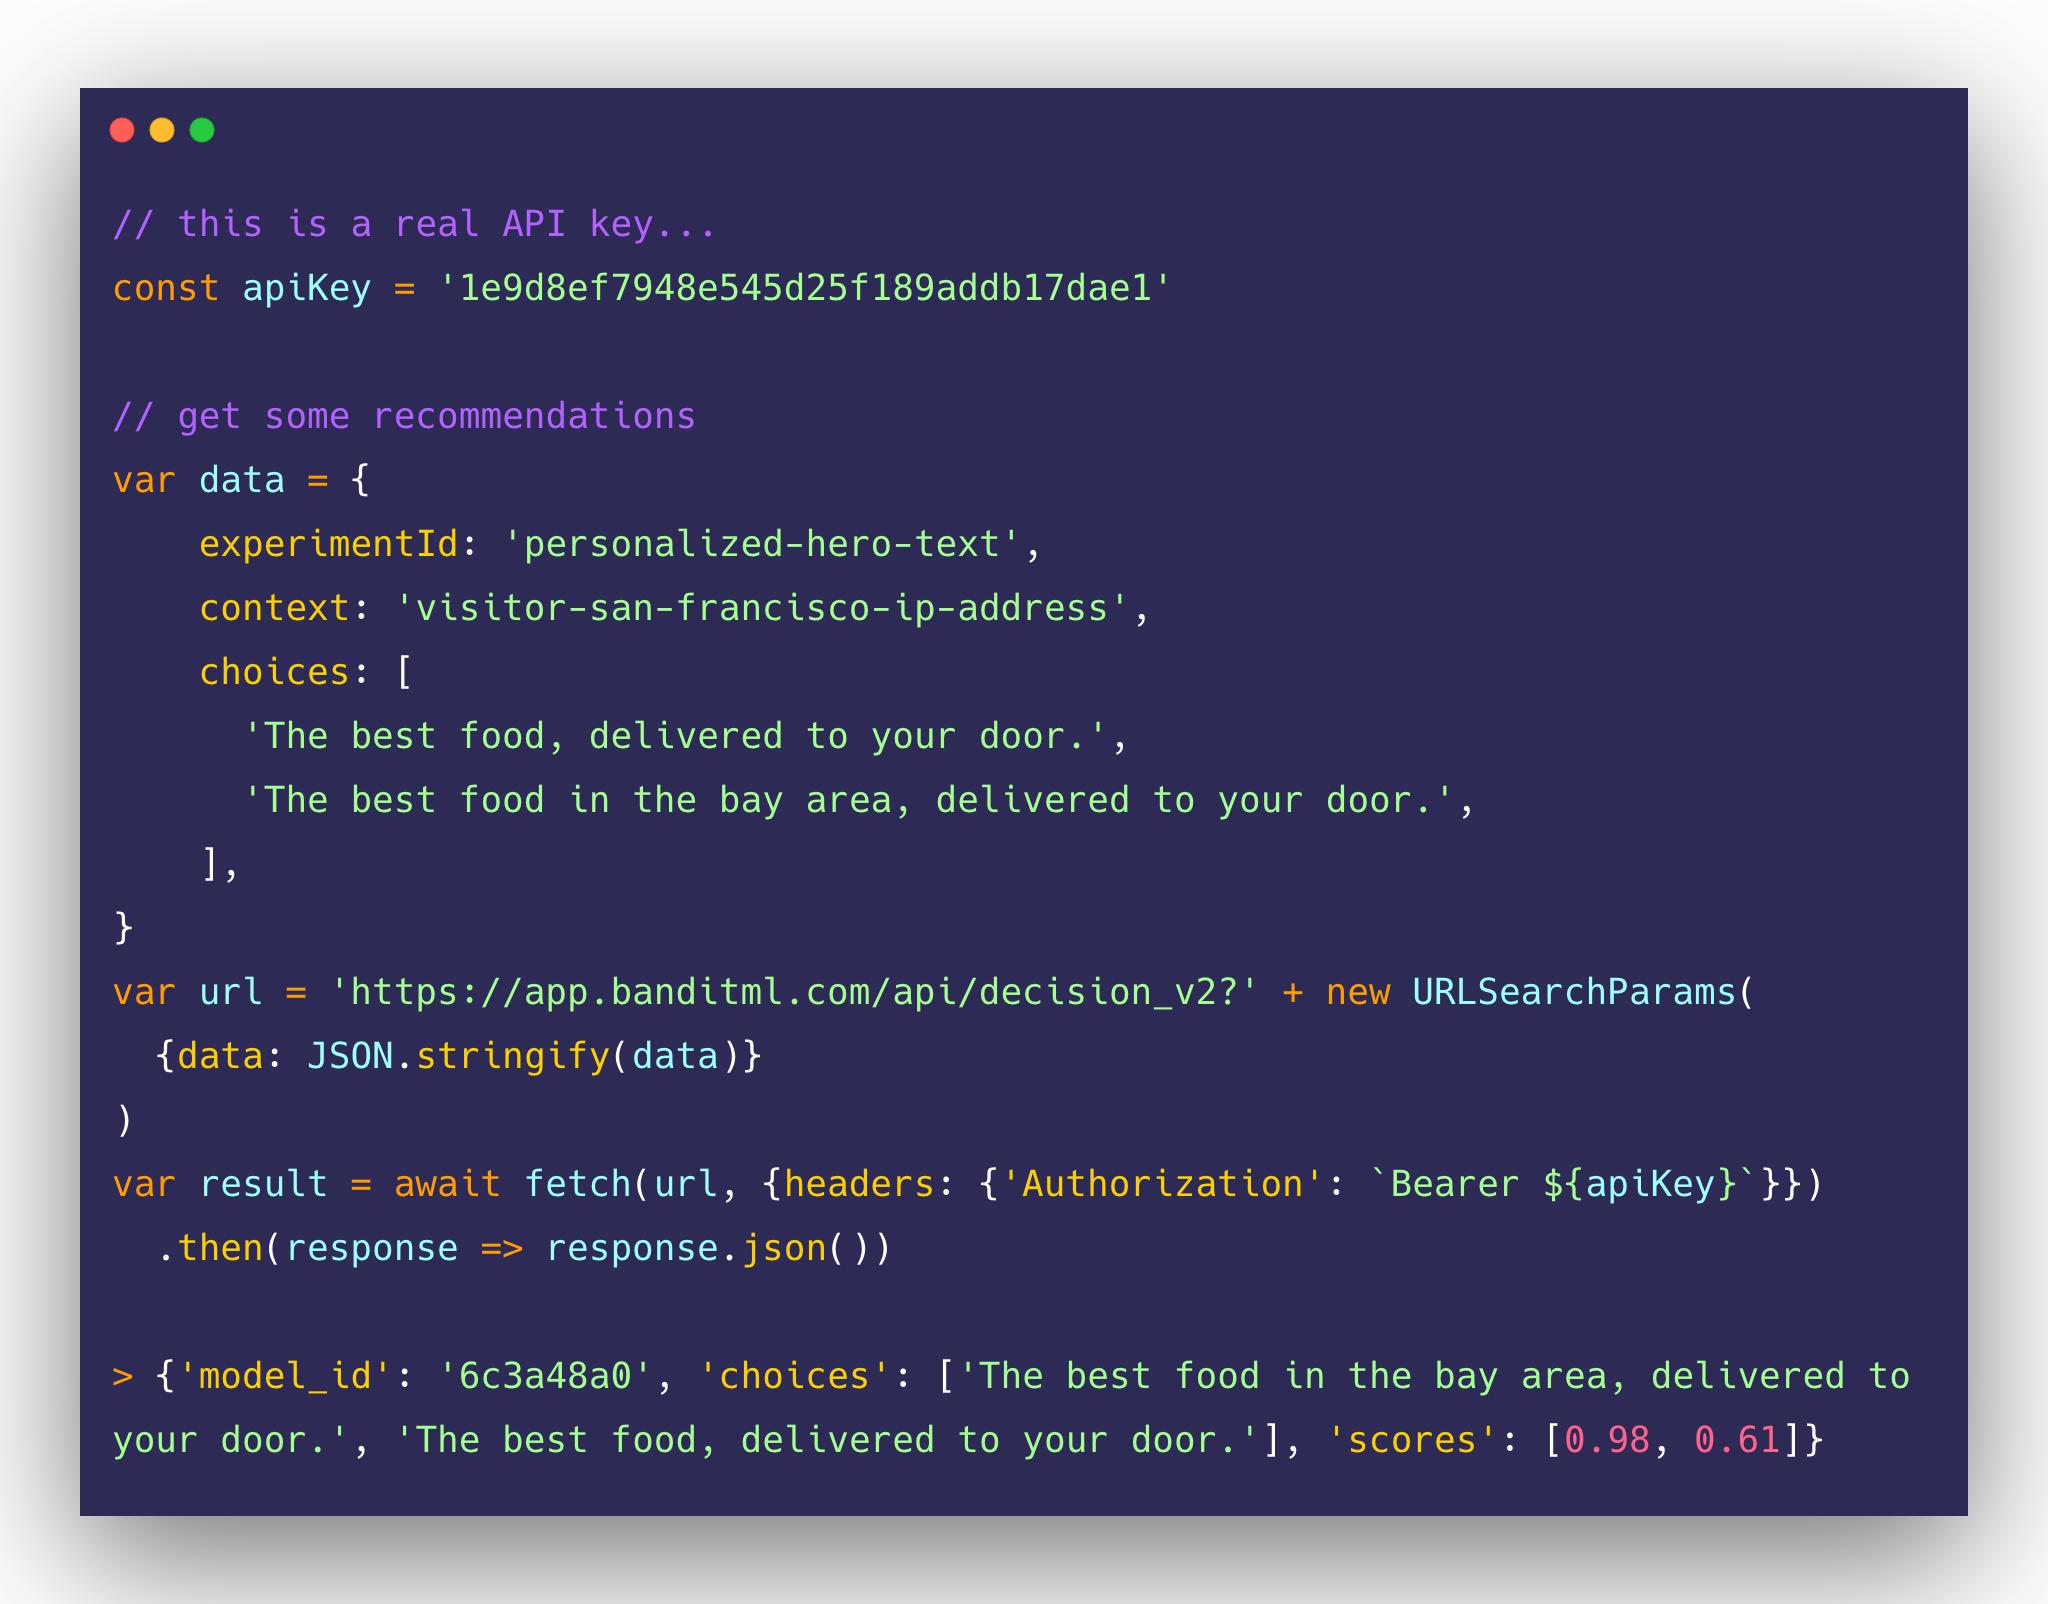 Code sample of Bandit ML API.